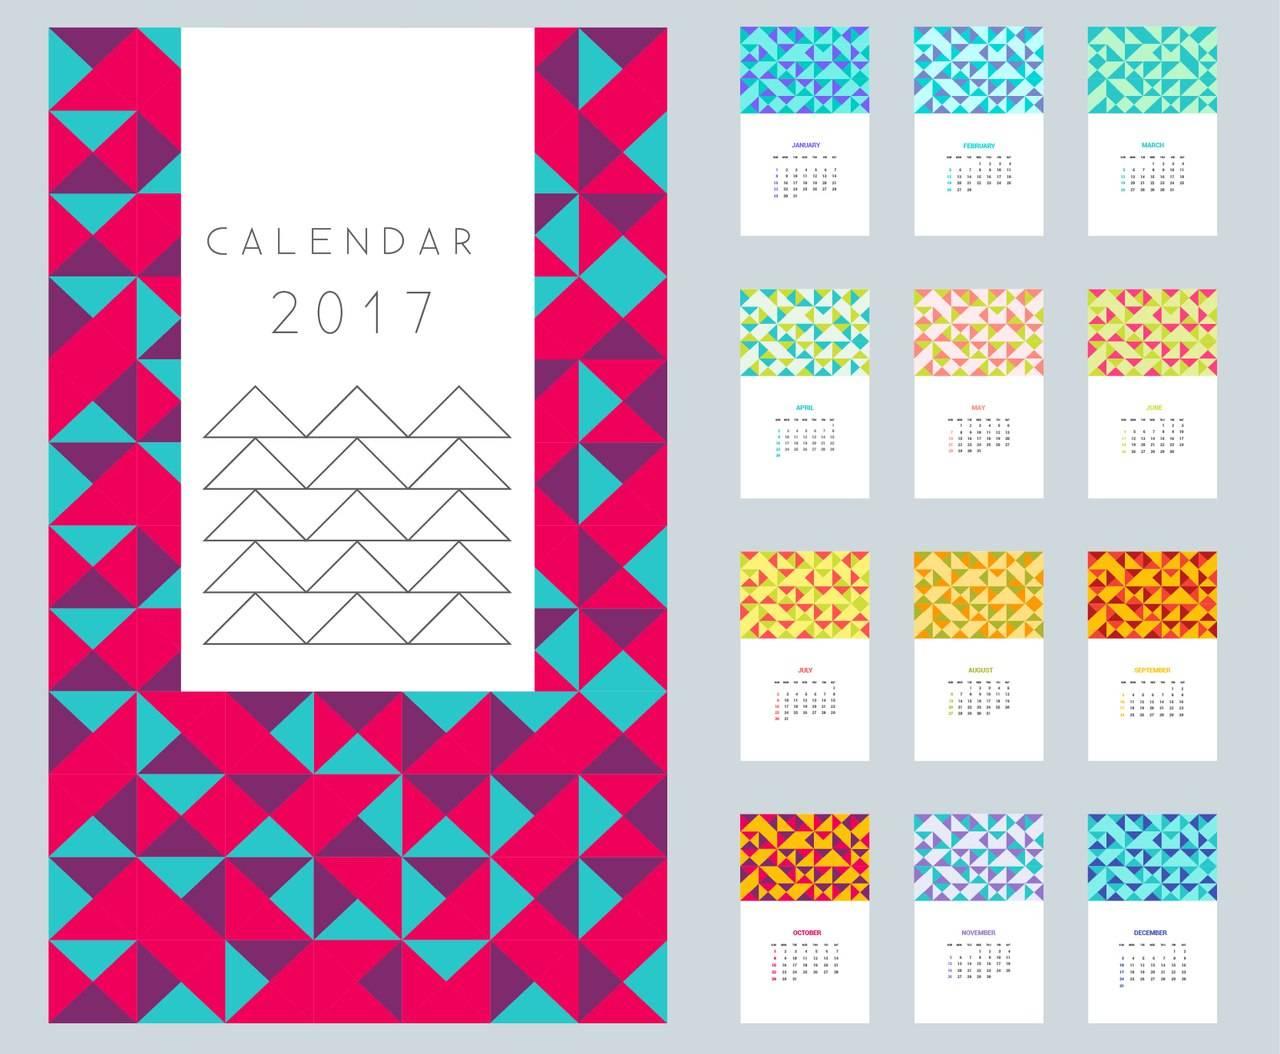 vektornyj-shablon-kalendarya-na-2017-god-12